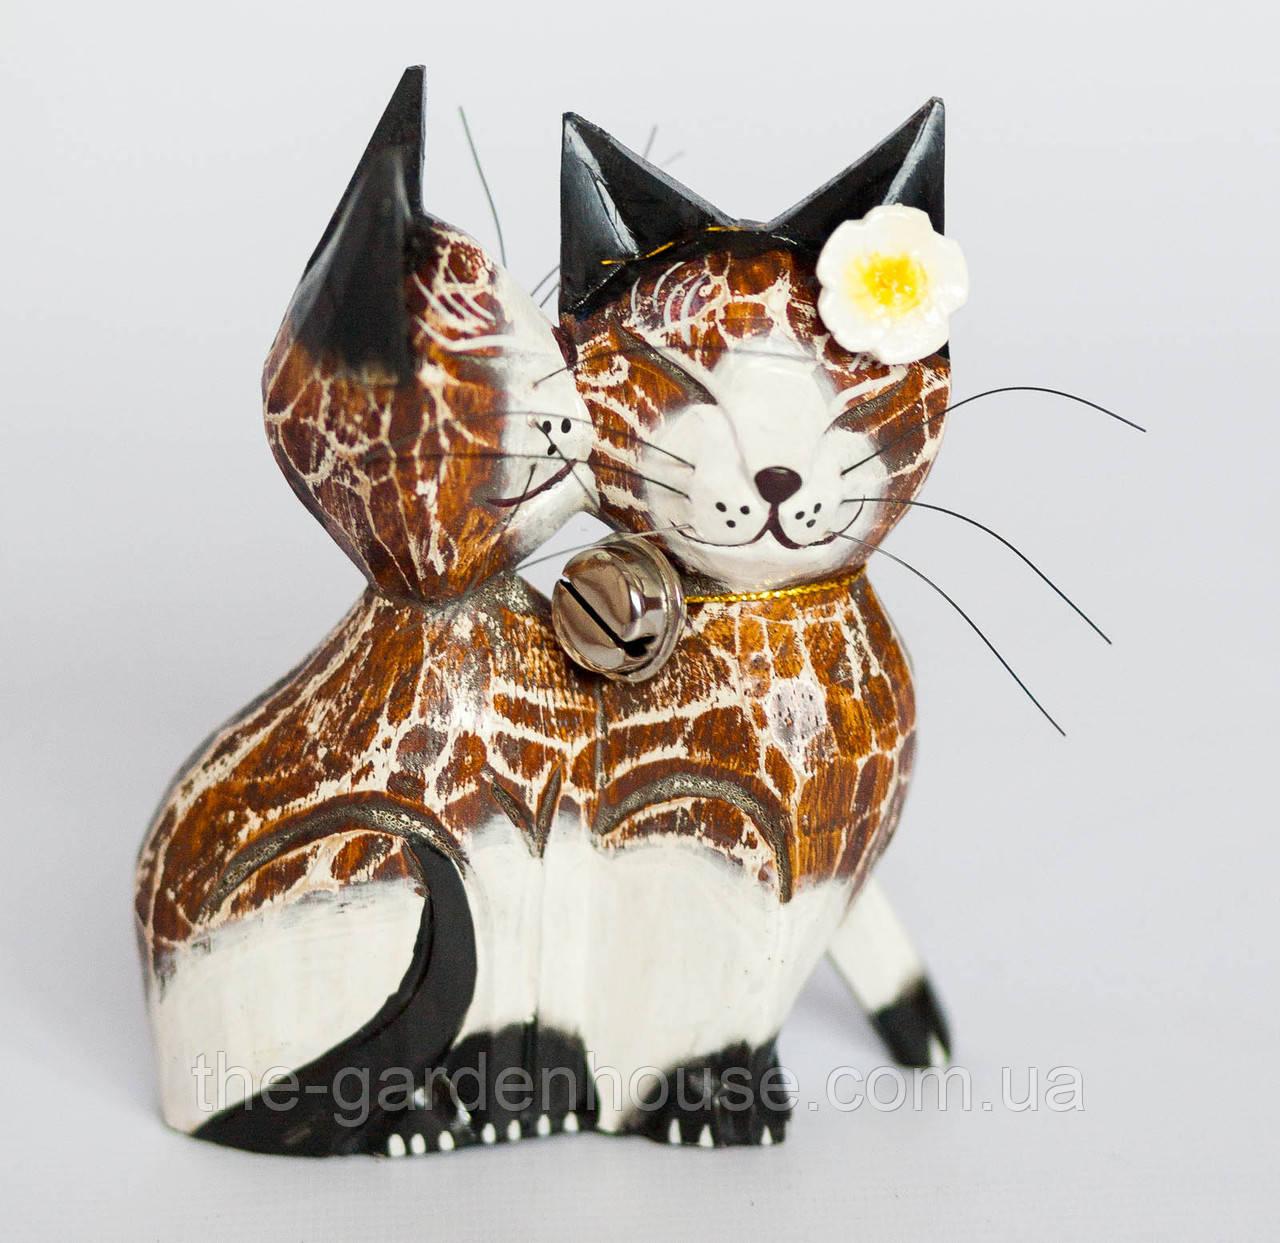 """Статуэтка """"Целующиеся котики"""" 15 см, светло-коричневый"""